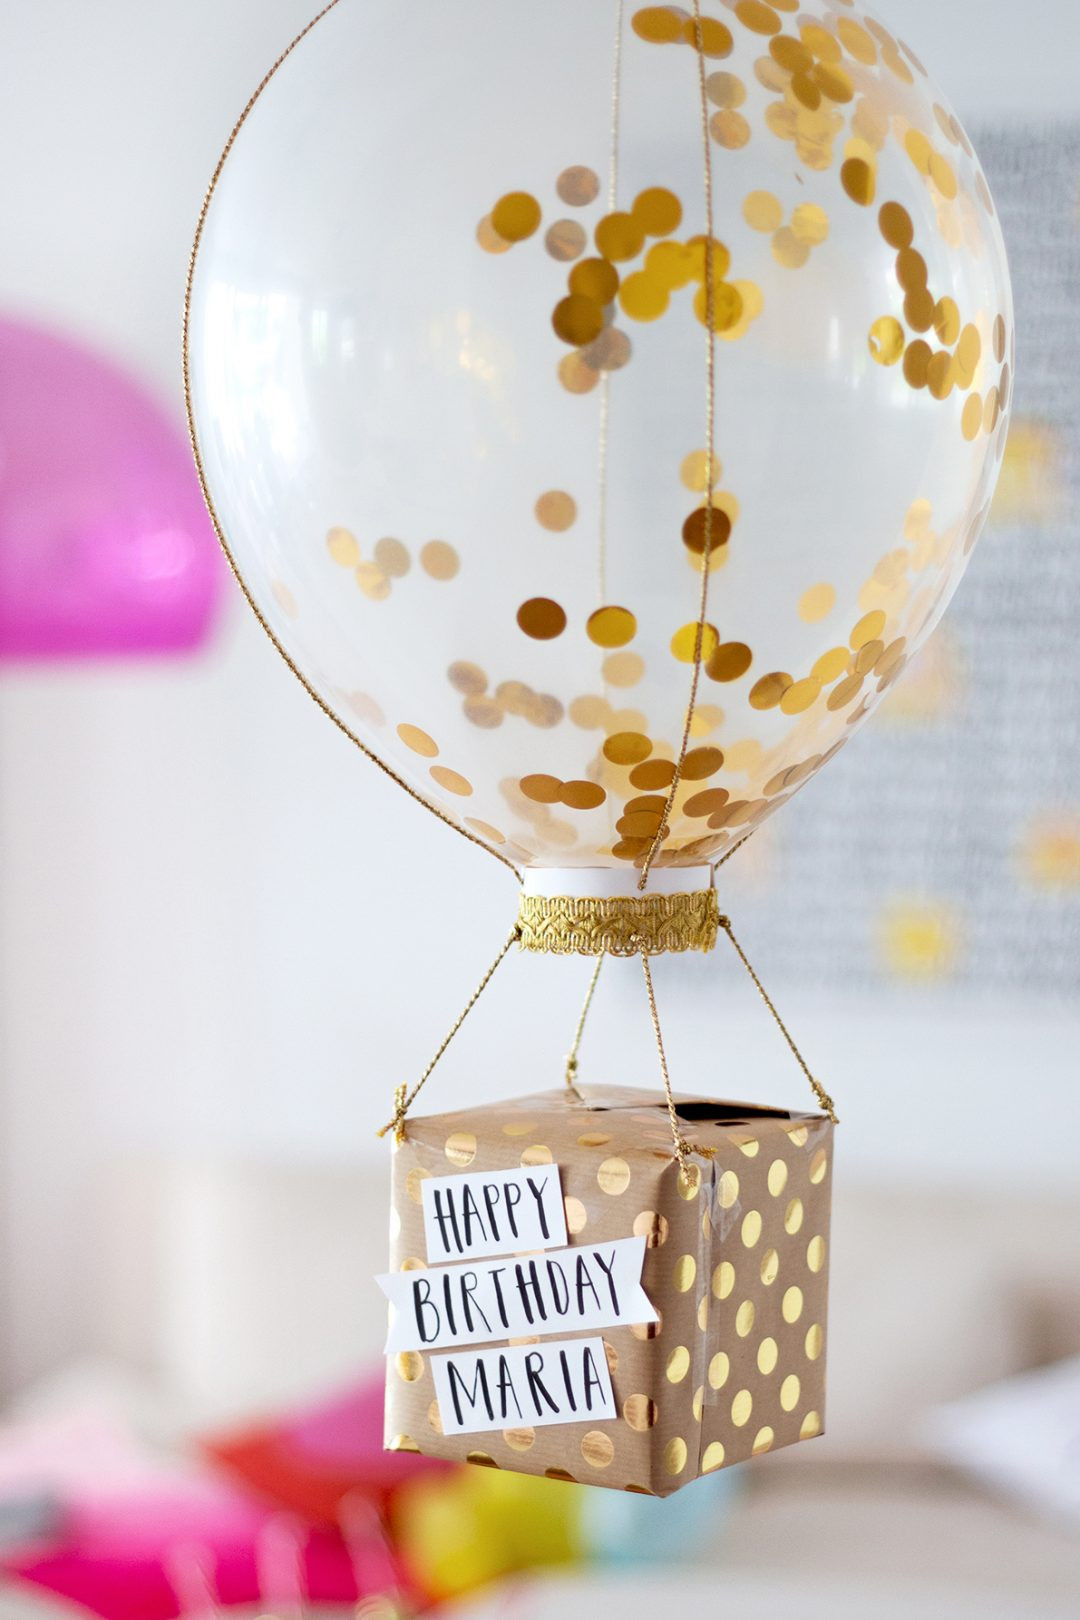 Geburtstagsgeschenke Zum Selbermachen  Geburtstagsgeschenke selber machen Drei DIY Ideen •